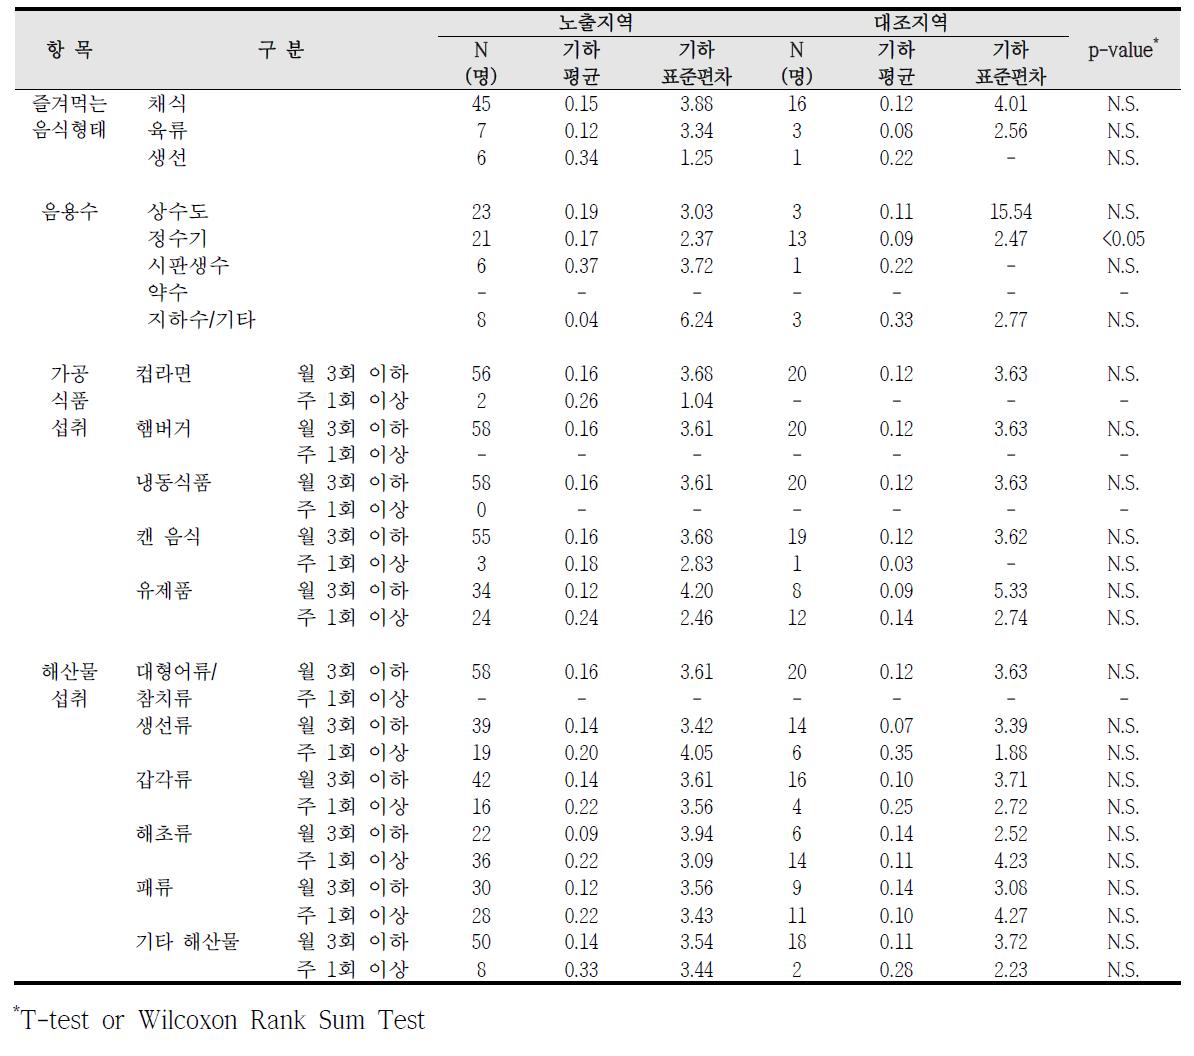 대산산업단지 식생활 습관에 따른 요중 1-hydroxyphenanthrene 농도 비교